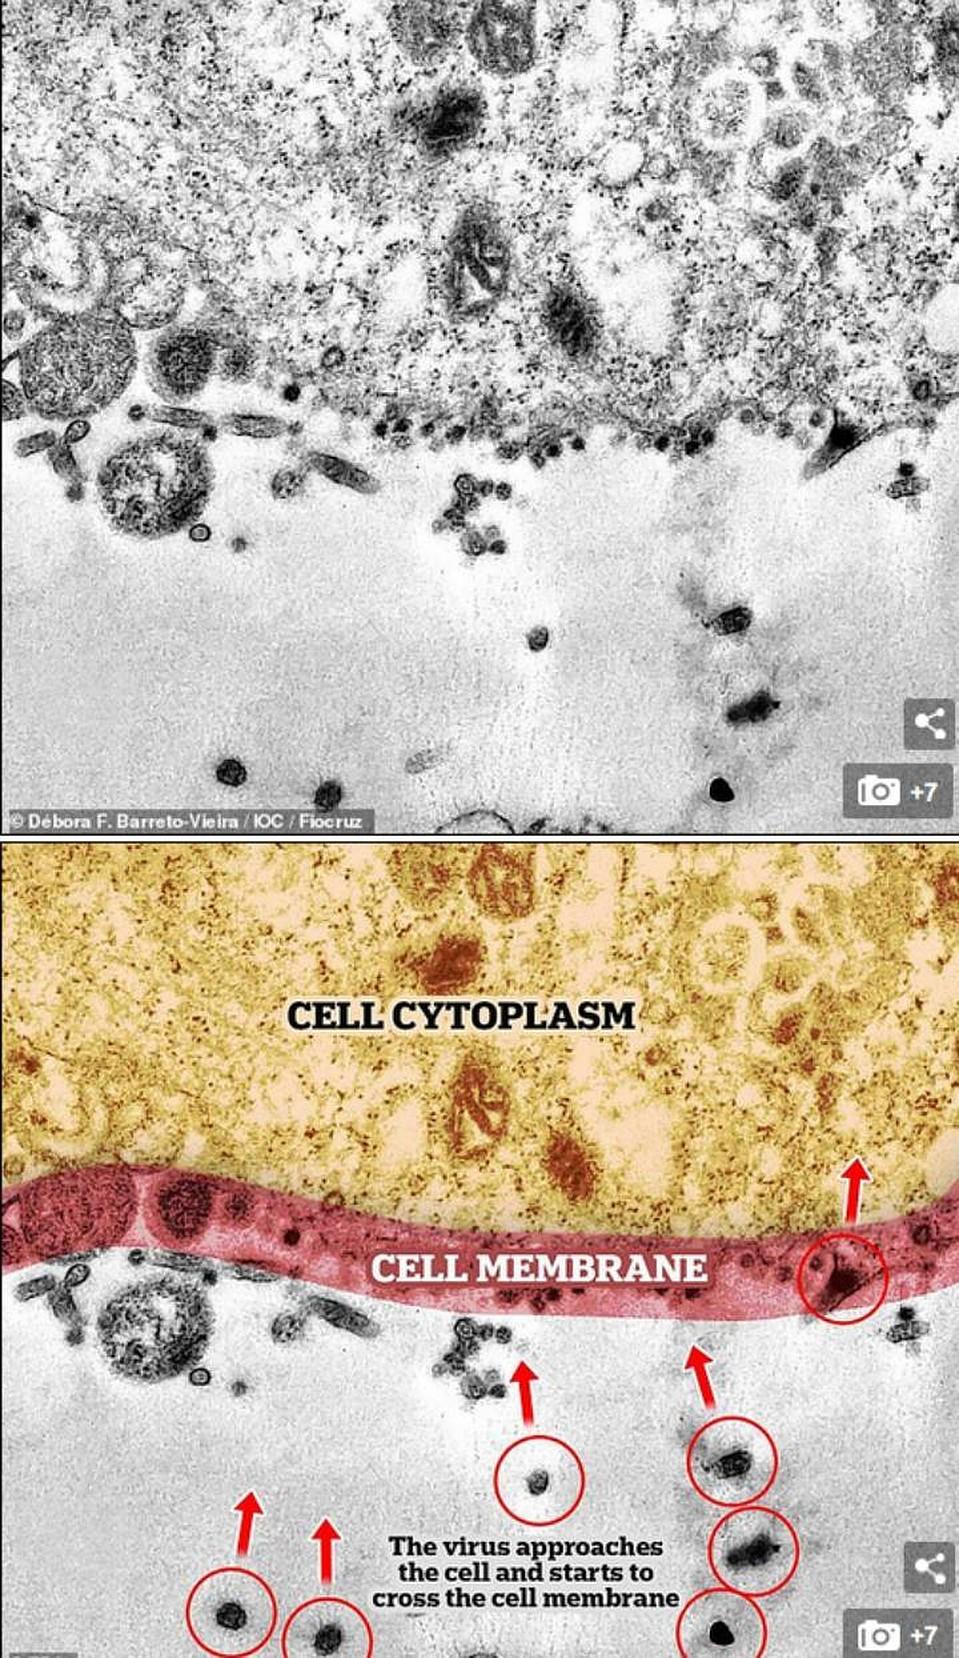 Коронавирус проникает в клеточную мембрану. - первая часть процесса заражения